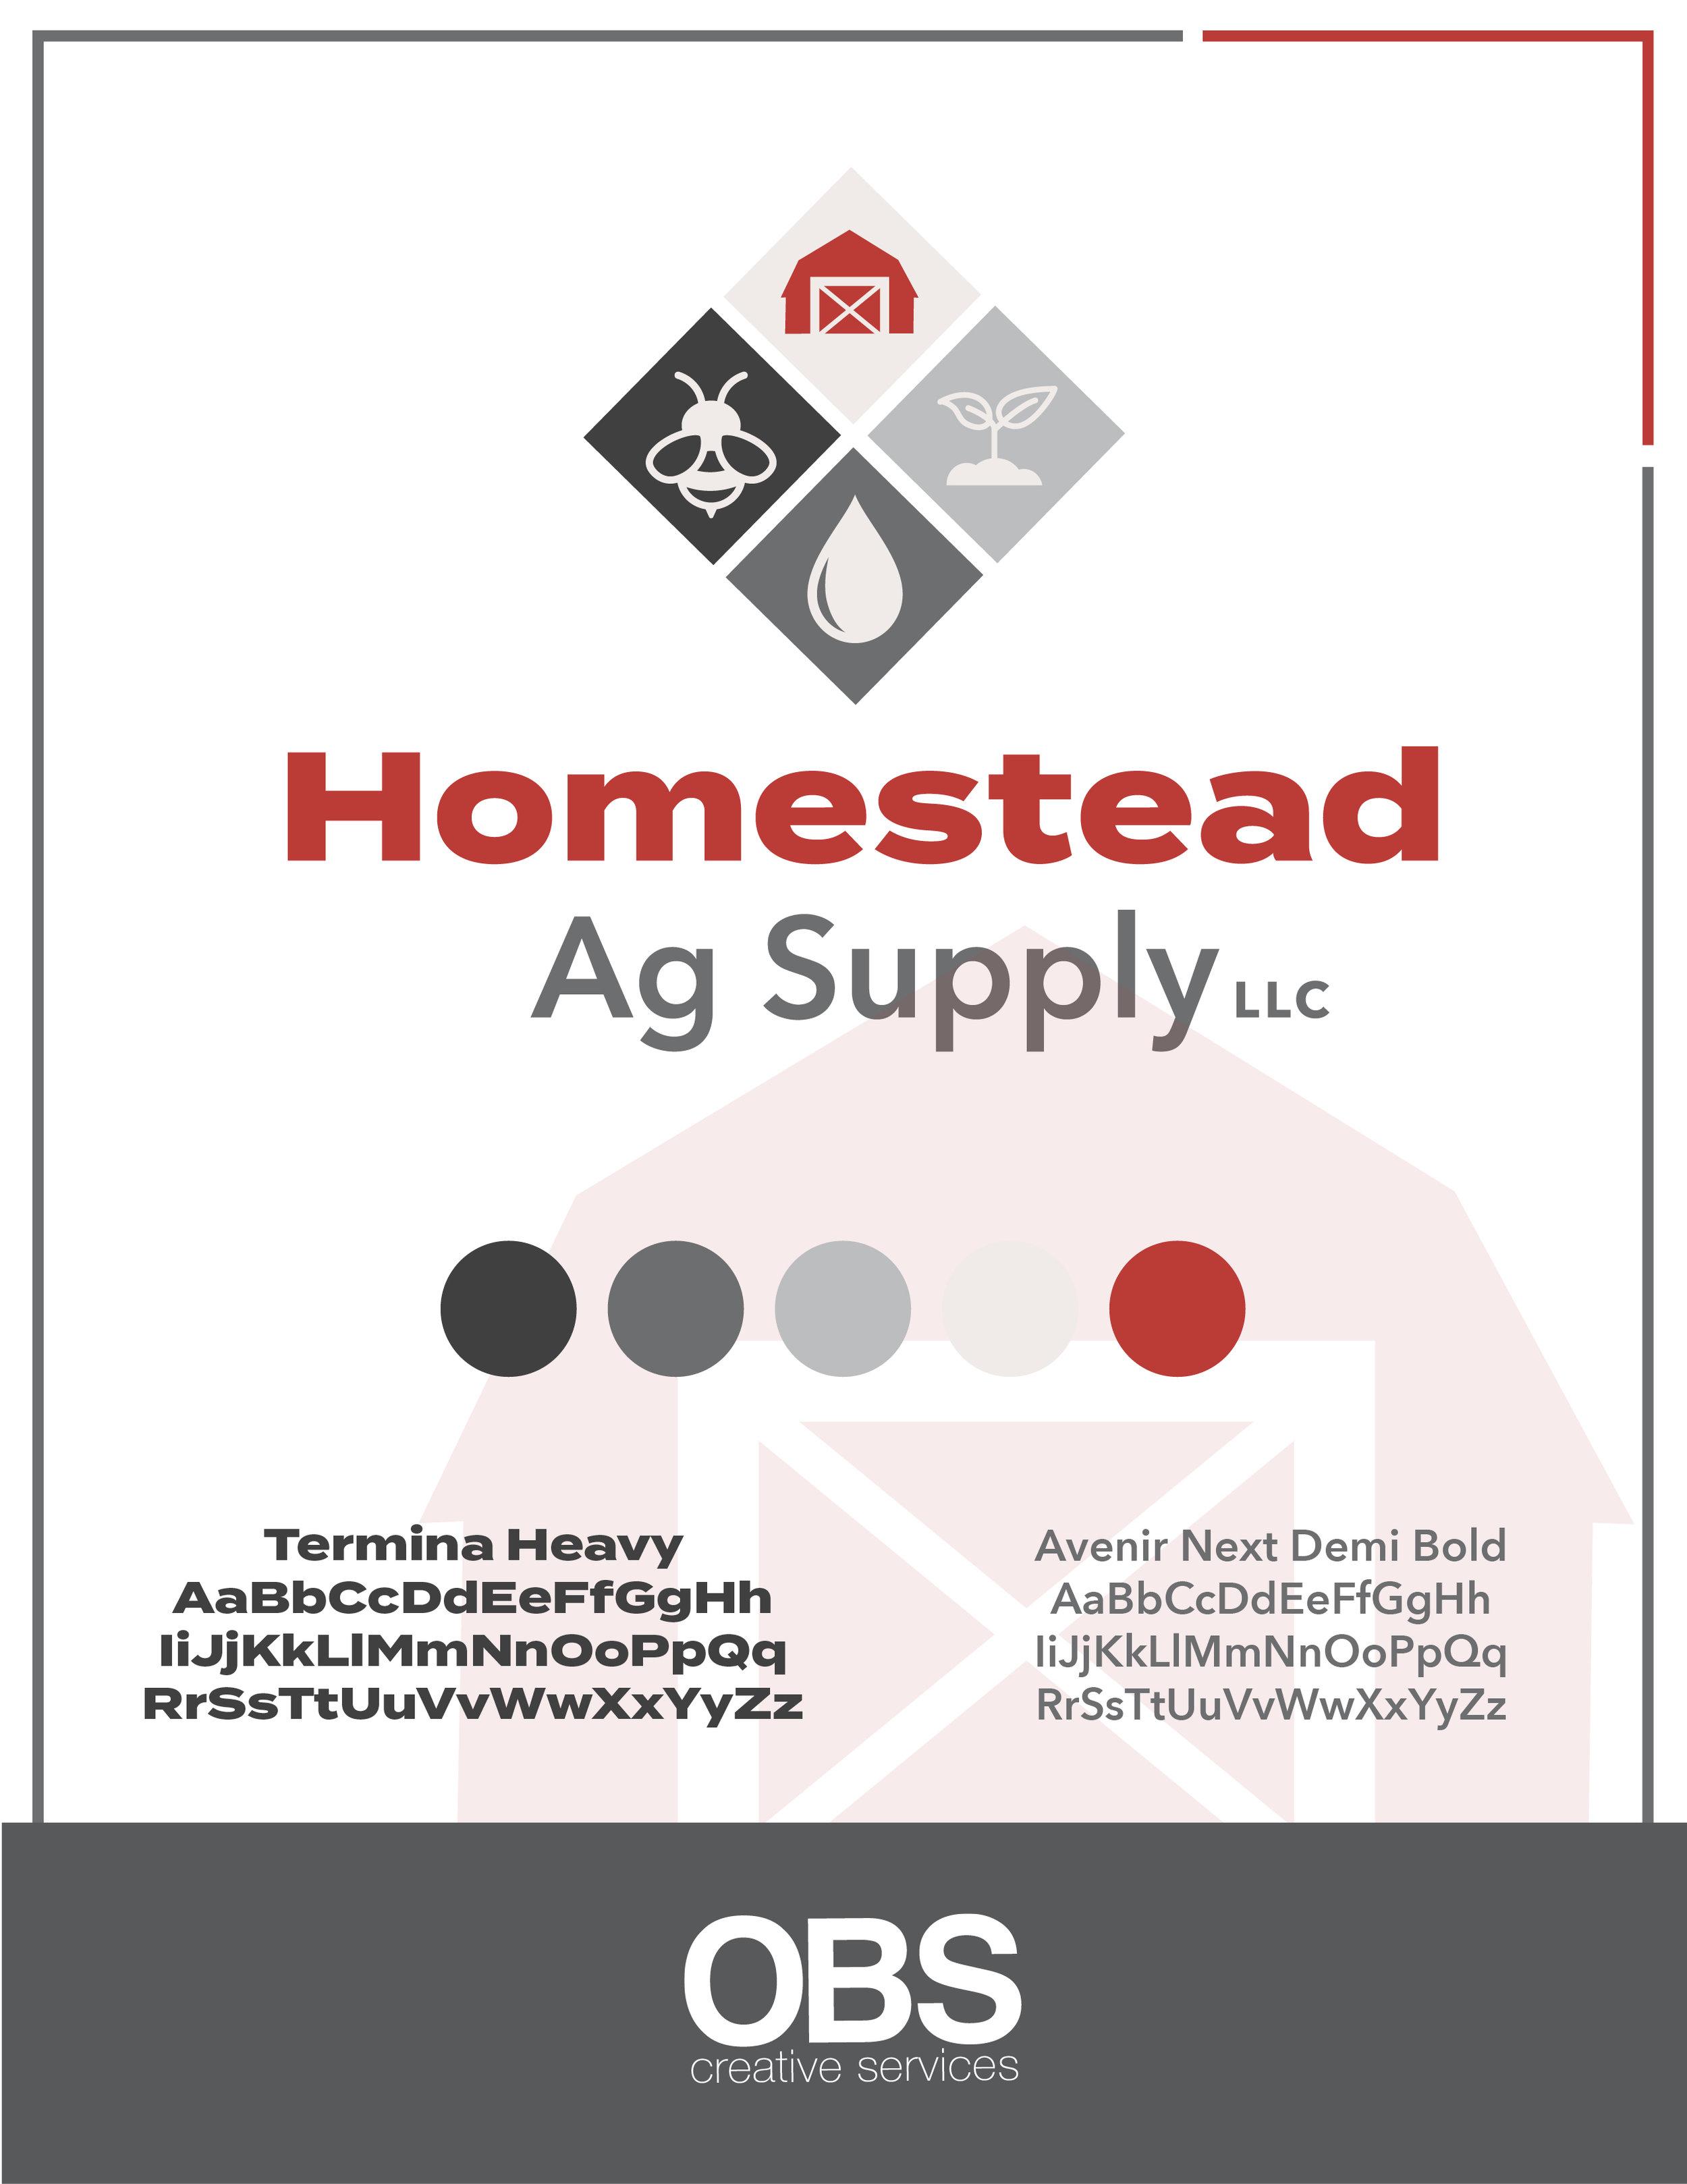 Homestead Ag Supply Brand Guide.jpg